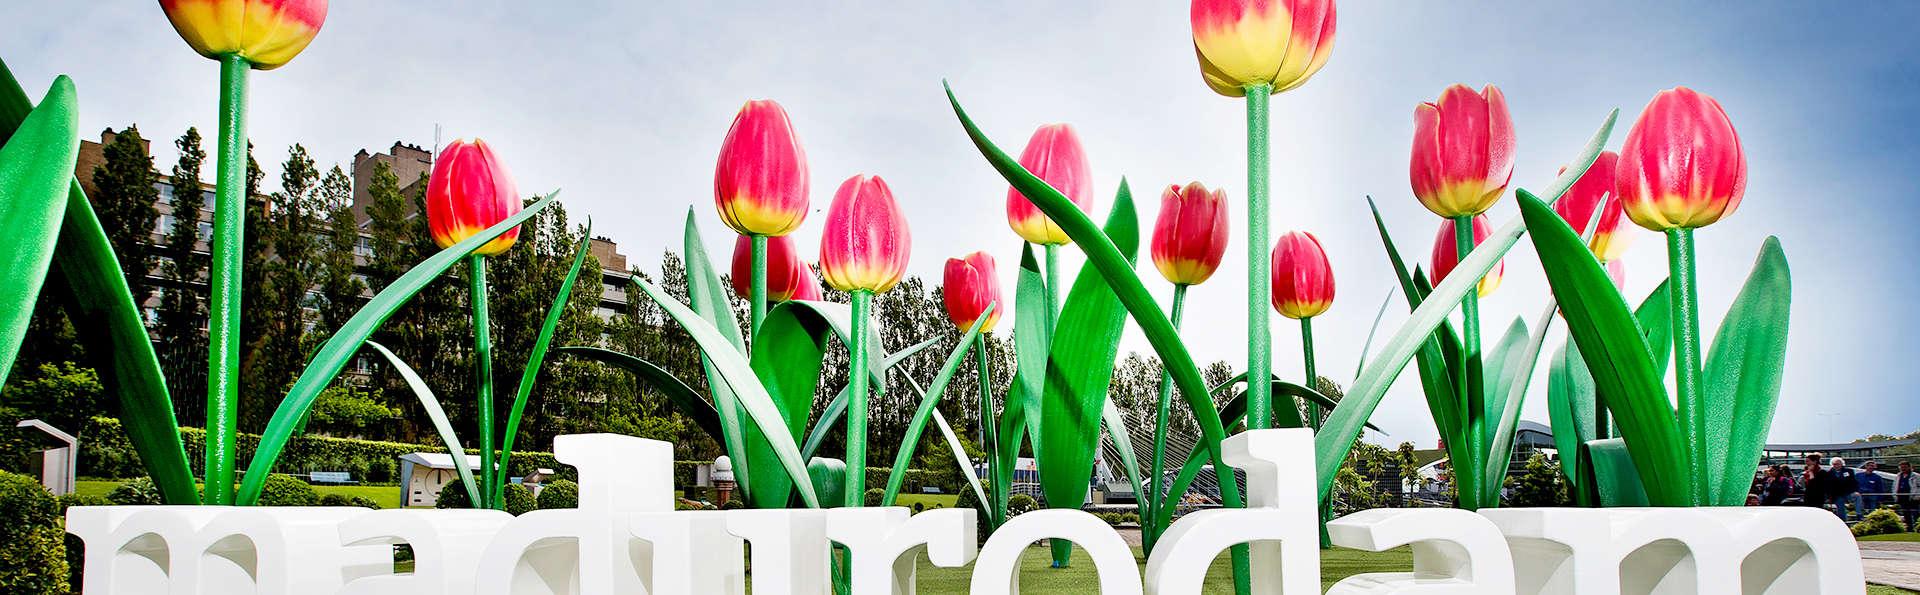 Découvrez le quartier Scheveningen et le parc Madurodam